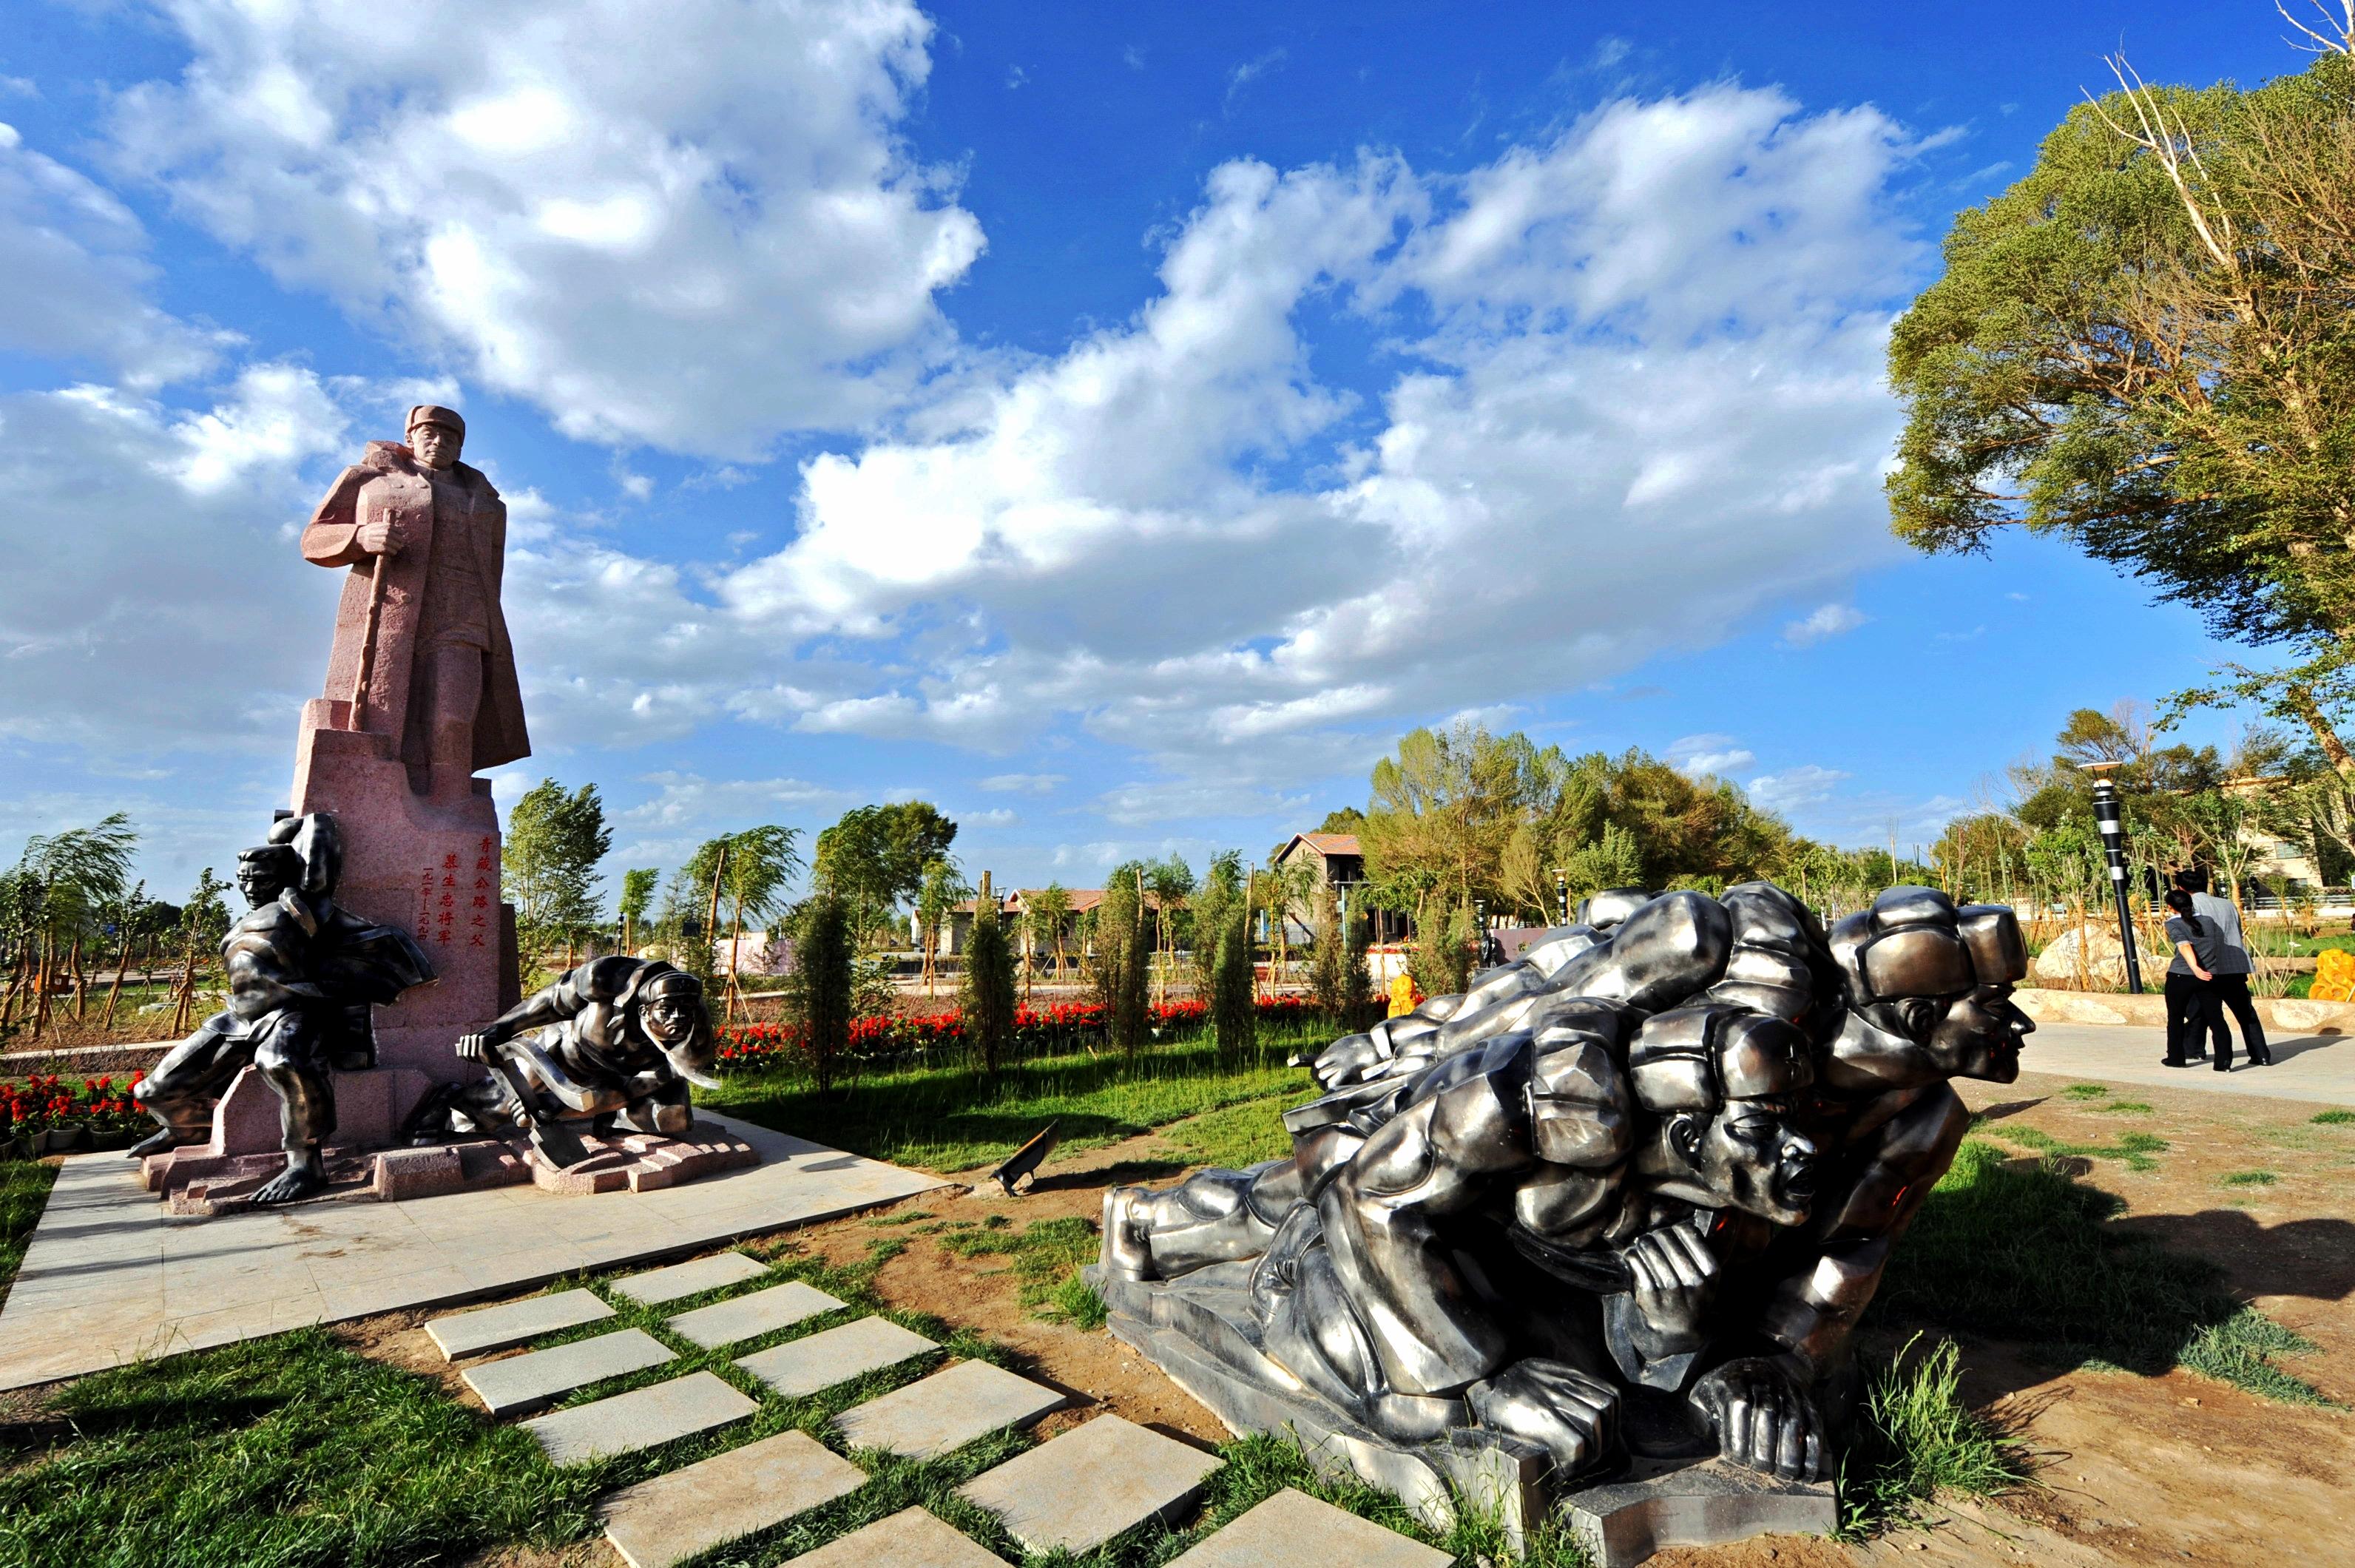 格尔木,世界上面积最大城市,因青藏公路诞生,通向世界屋脊